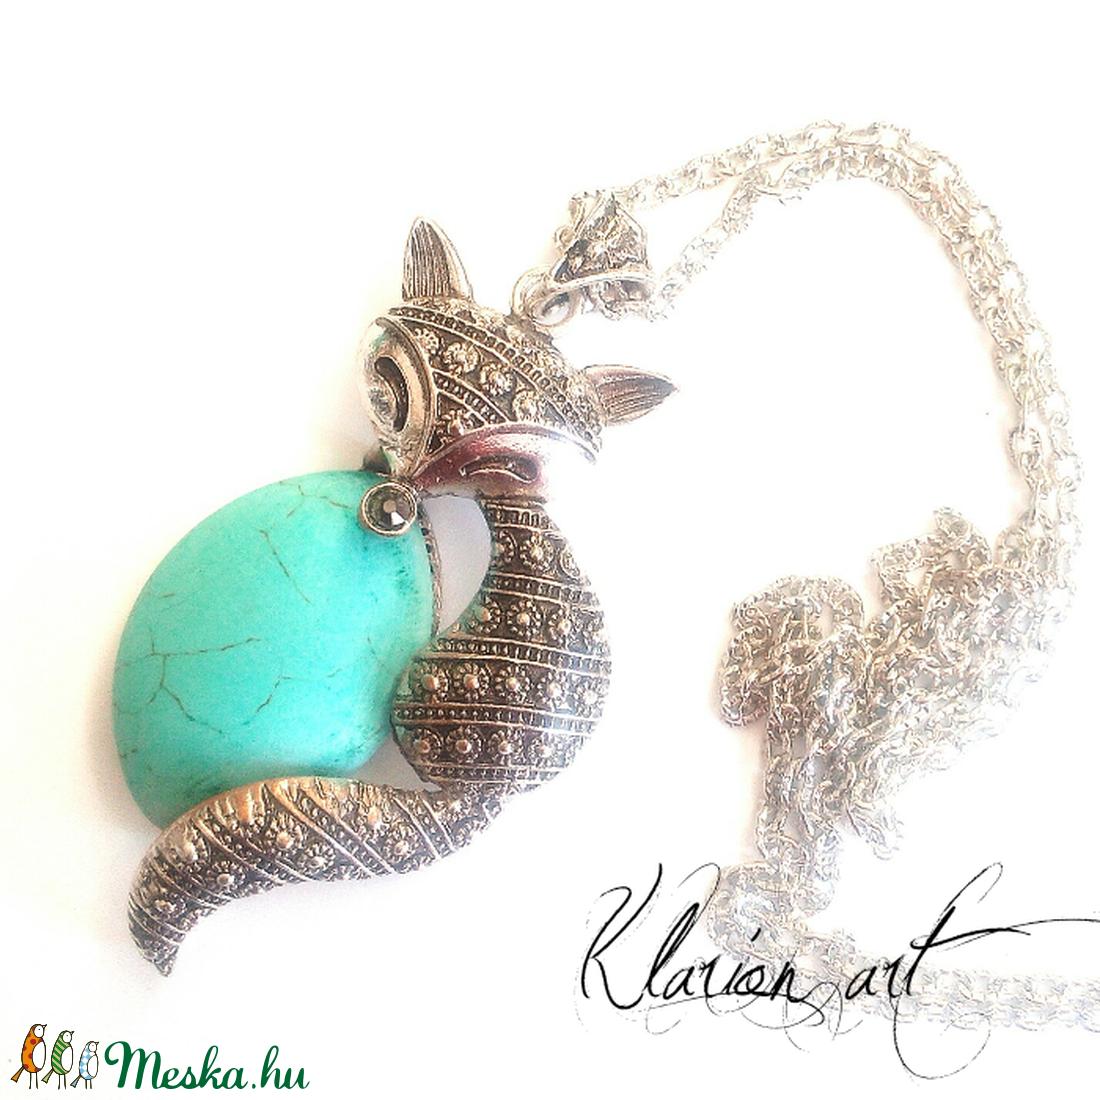 Macska nyaklánc (klarion) - Meska.hu